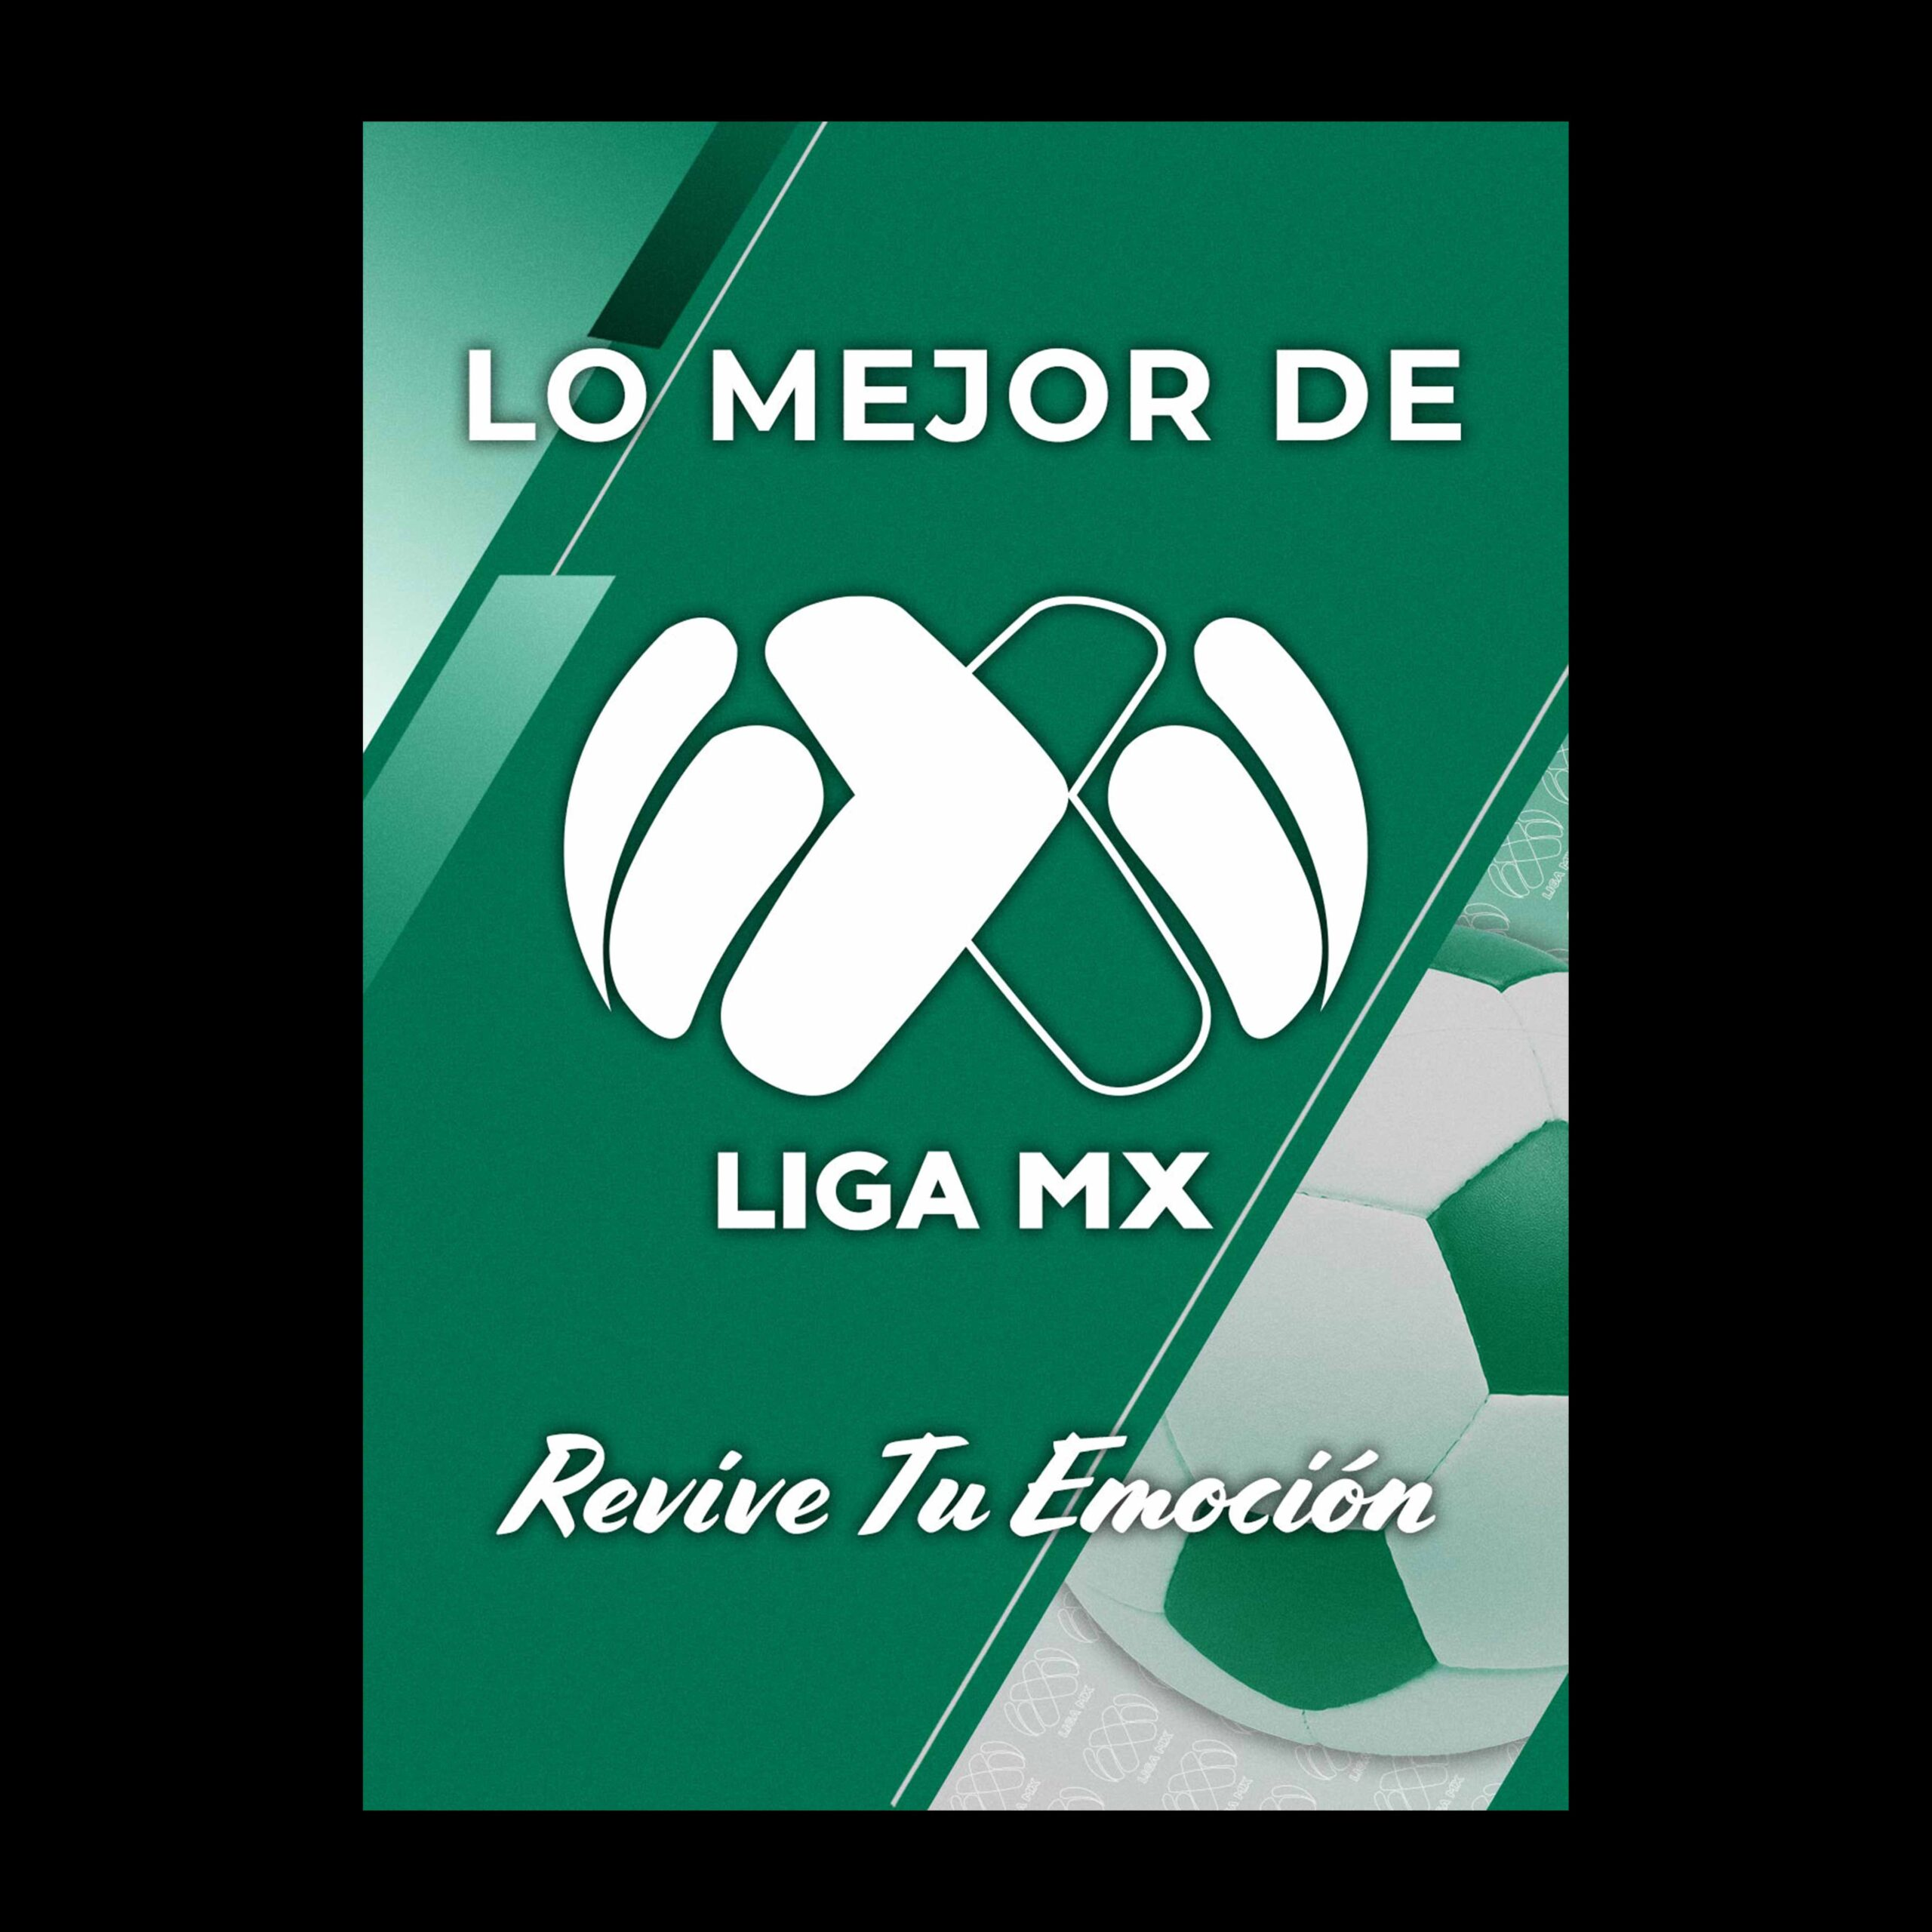 Ligamx_mockup_Poster